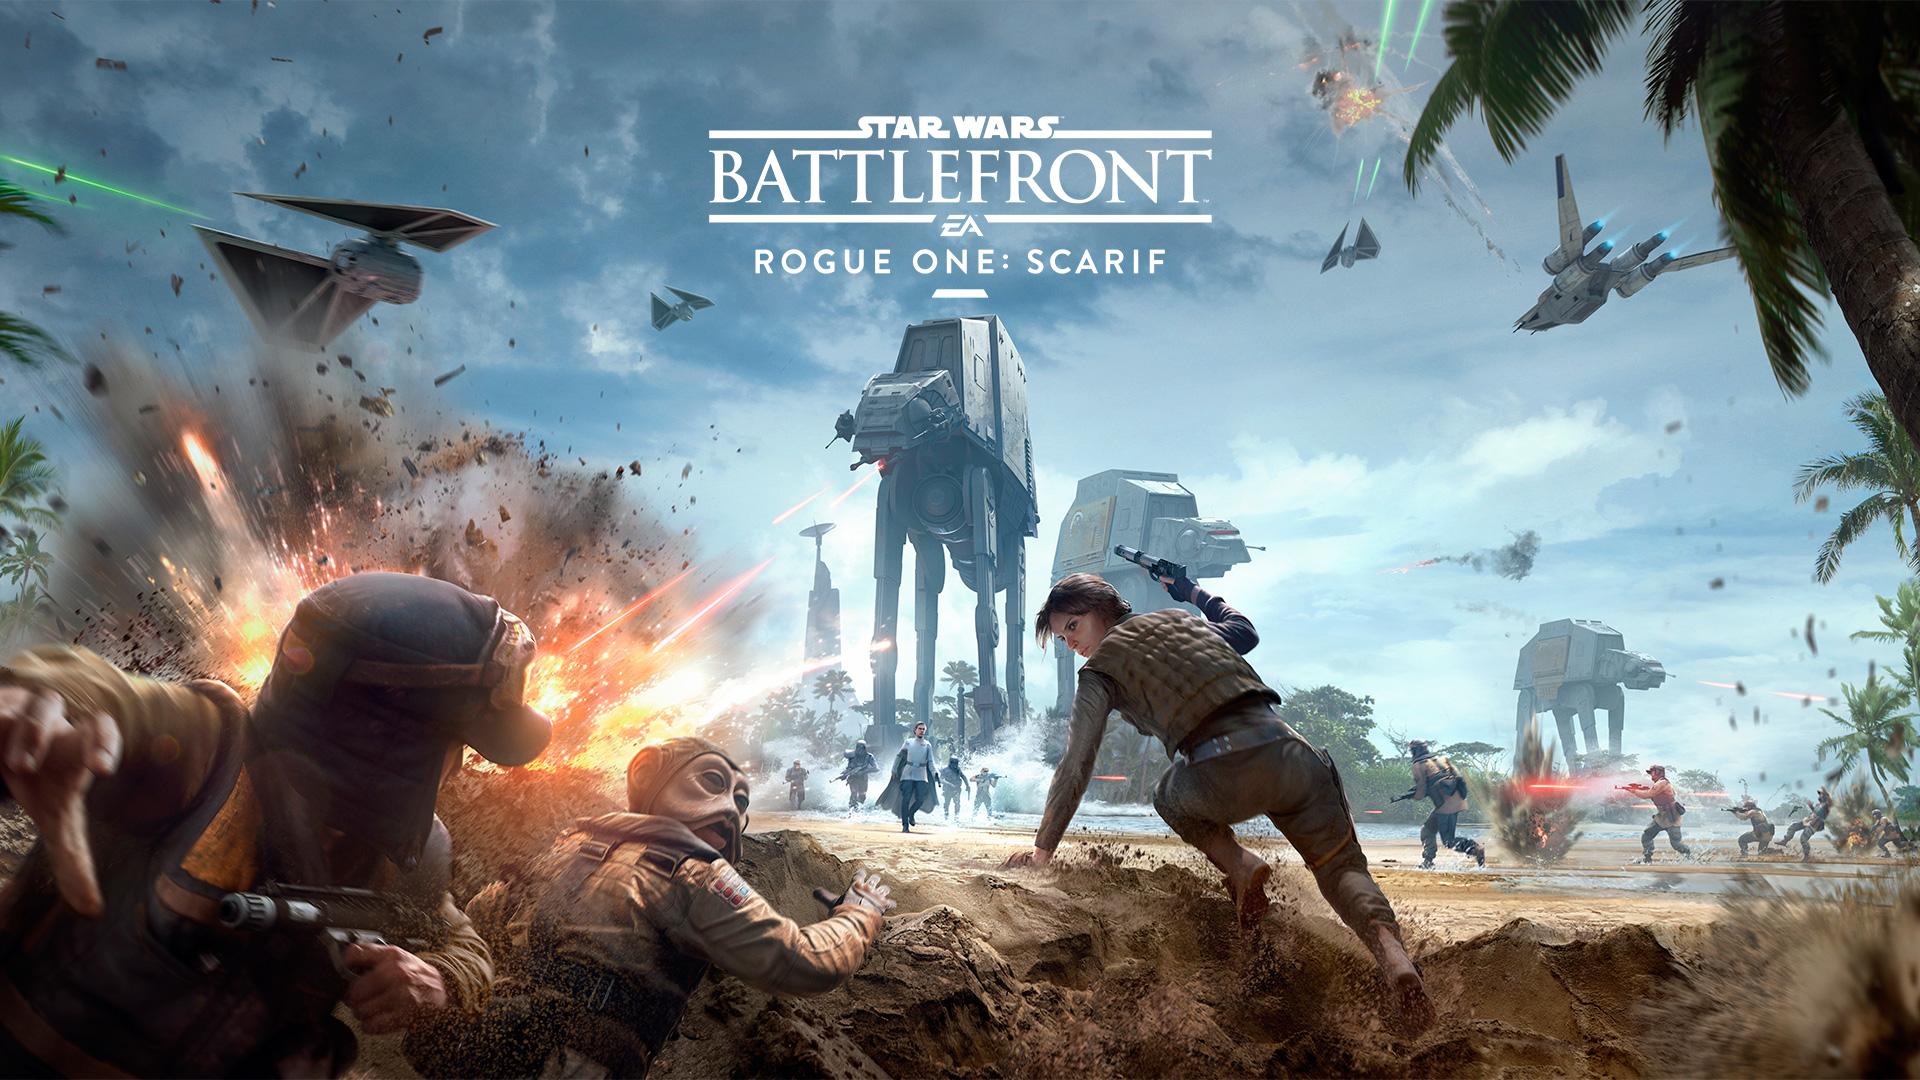 Star Wars: Battlefront – Trailer zum DLC Rogue One: Scarif lässt es krachen!